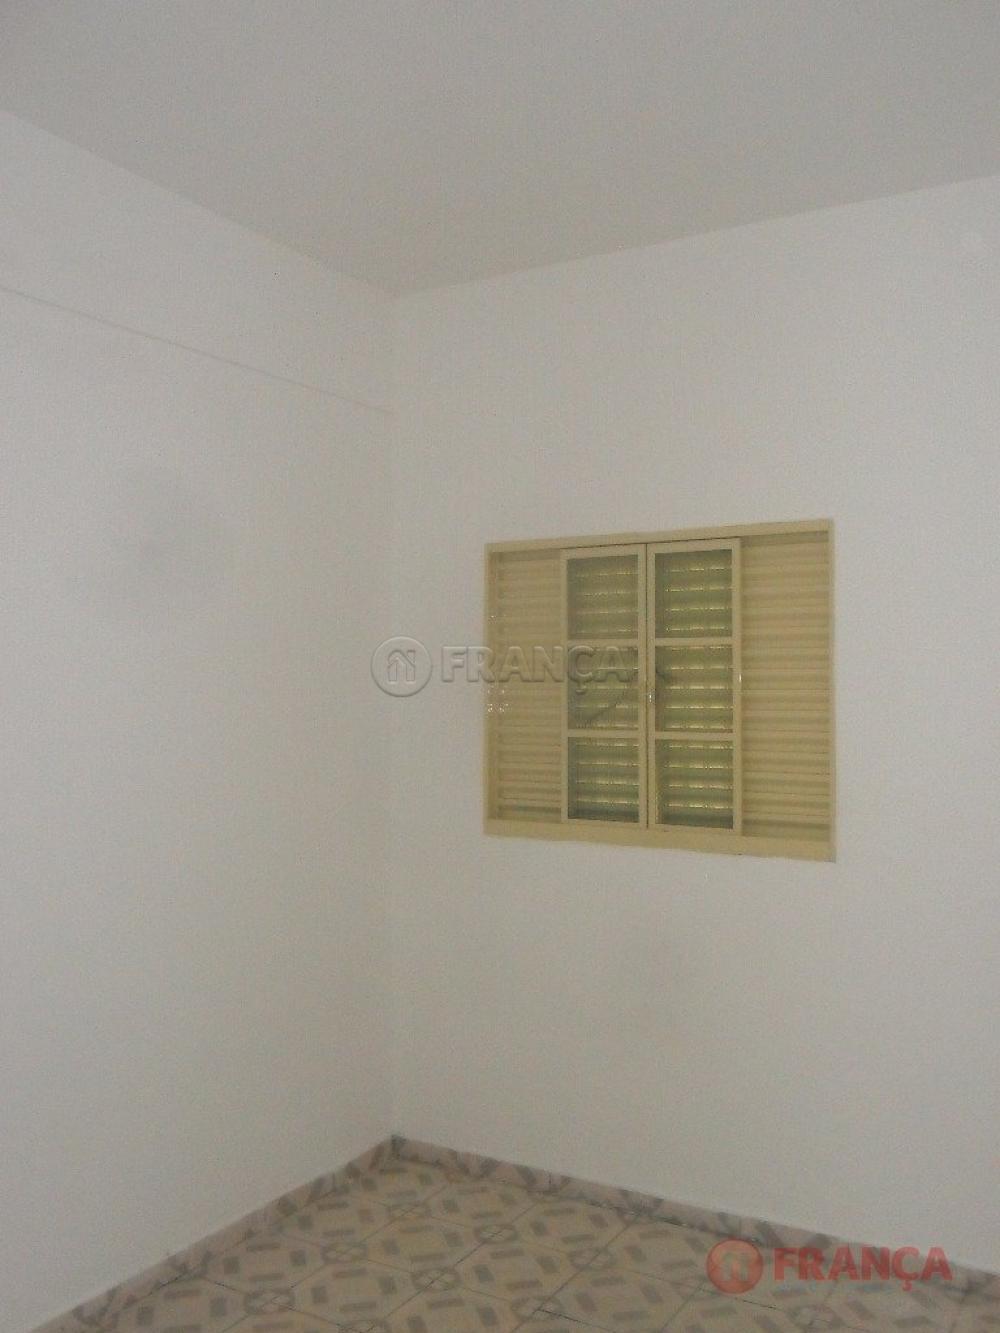 Alugar Casa / Padrão em Jacareí apenas R$ 650,00 - Foto 25